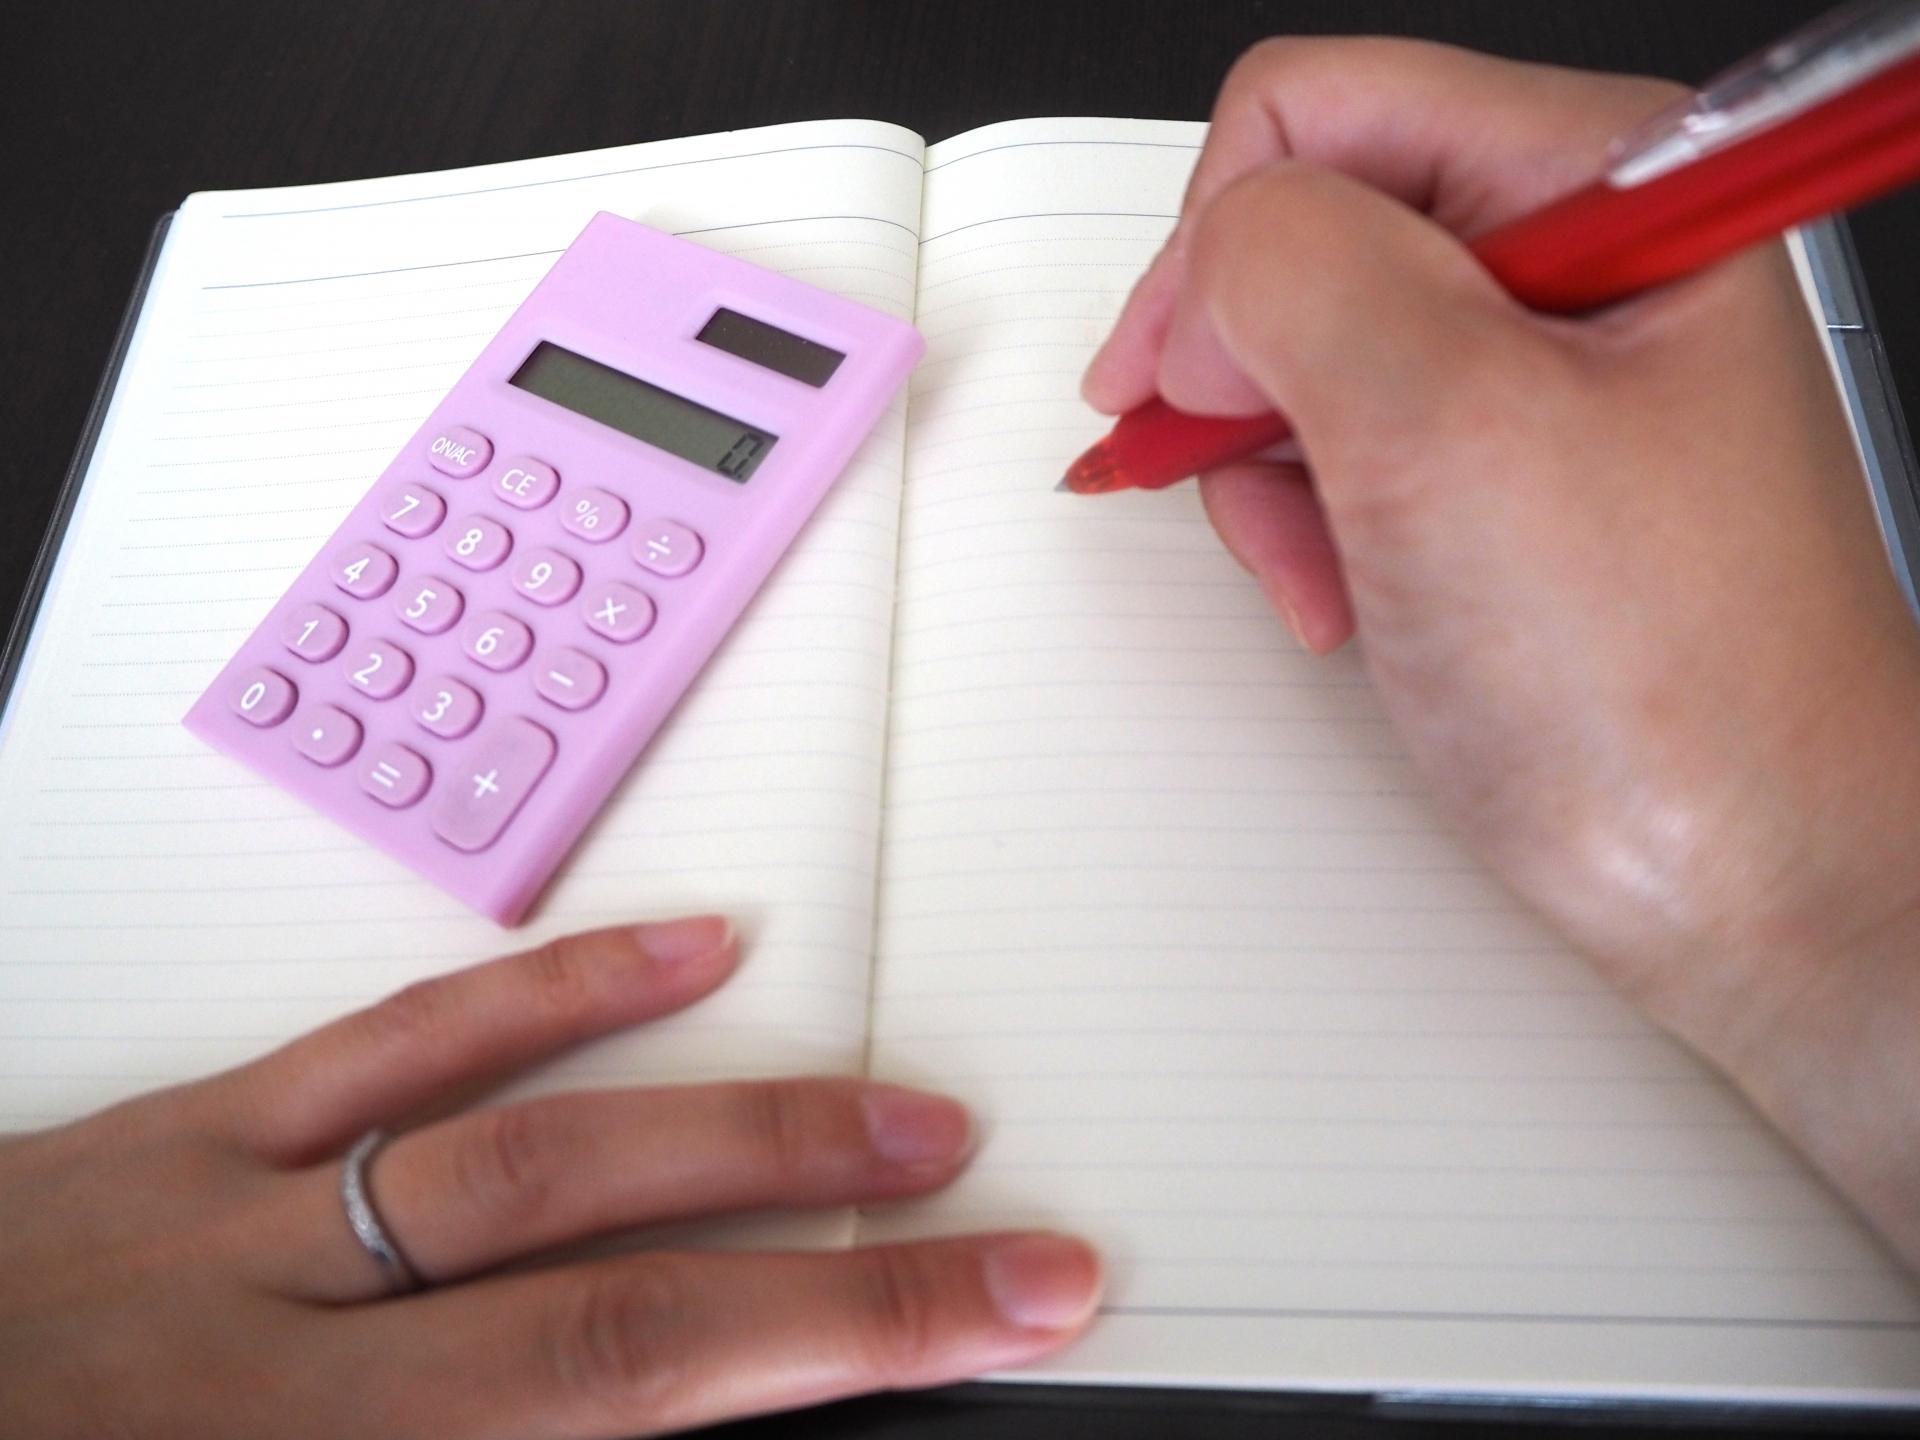 先取り貯金は確実に貯めるために固定費に記入する